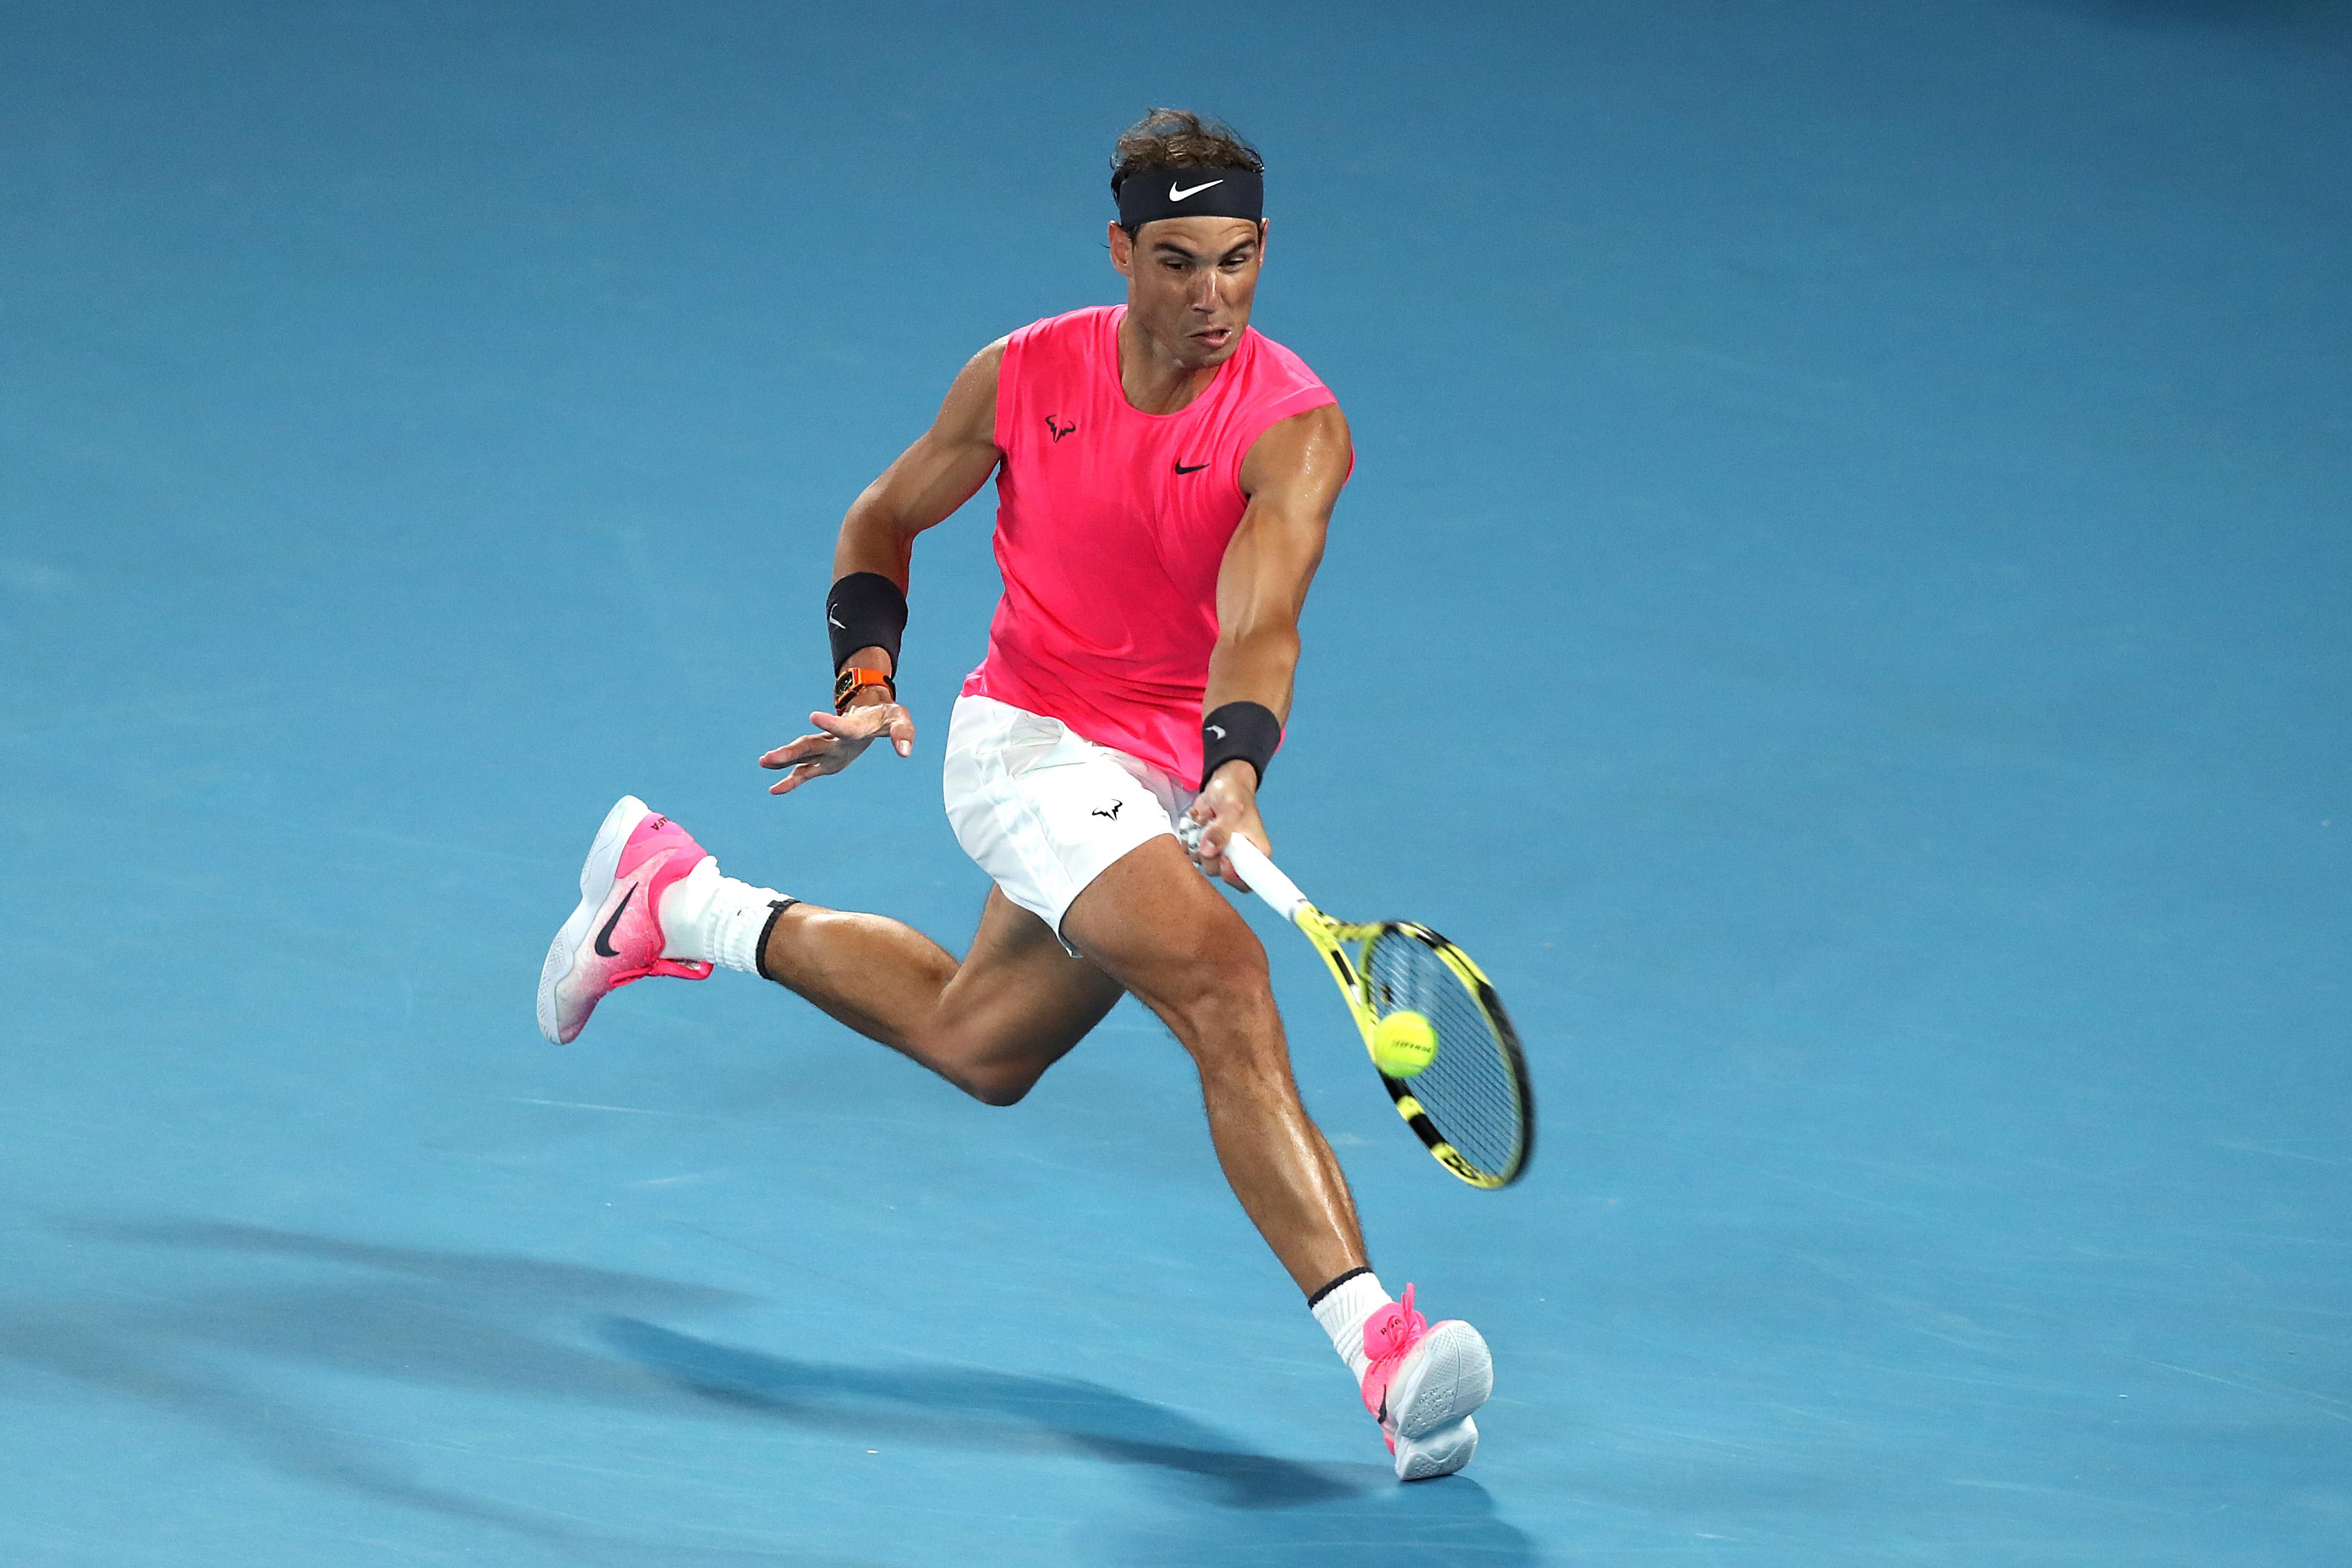 Rafael Nadal in action against Nick Kyrgios.